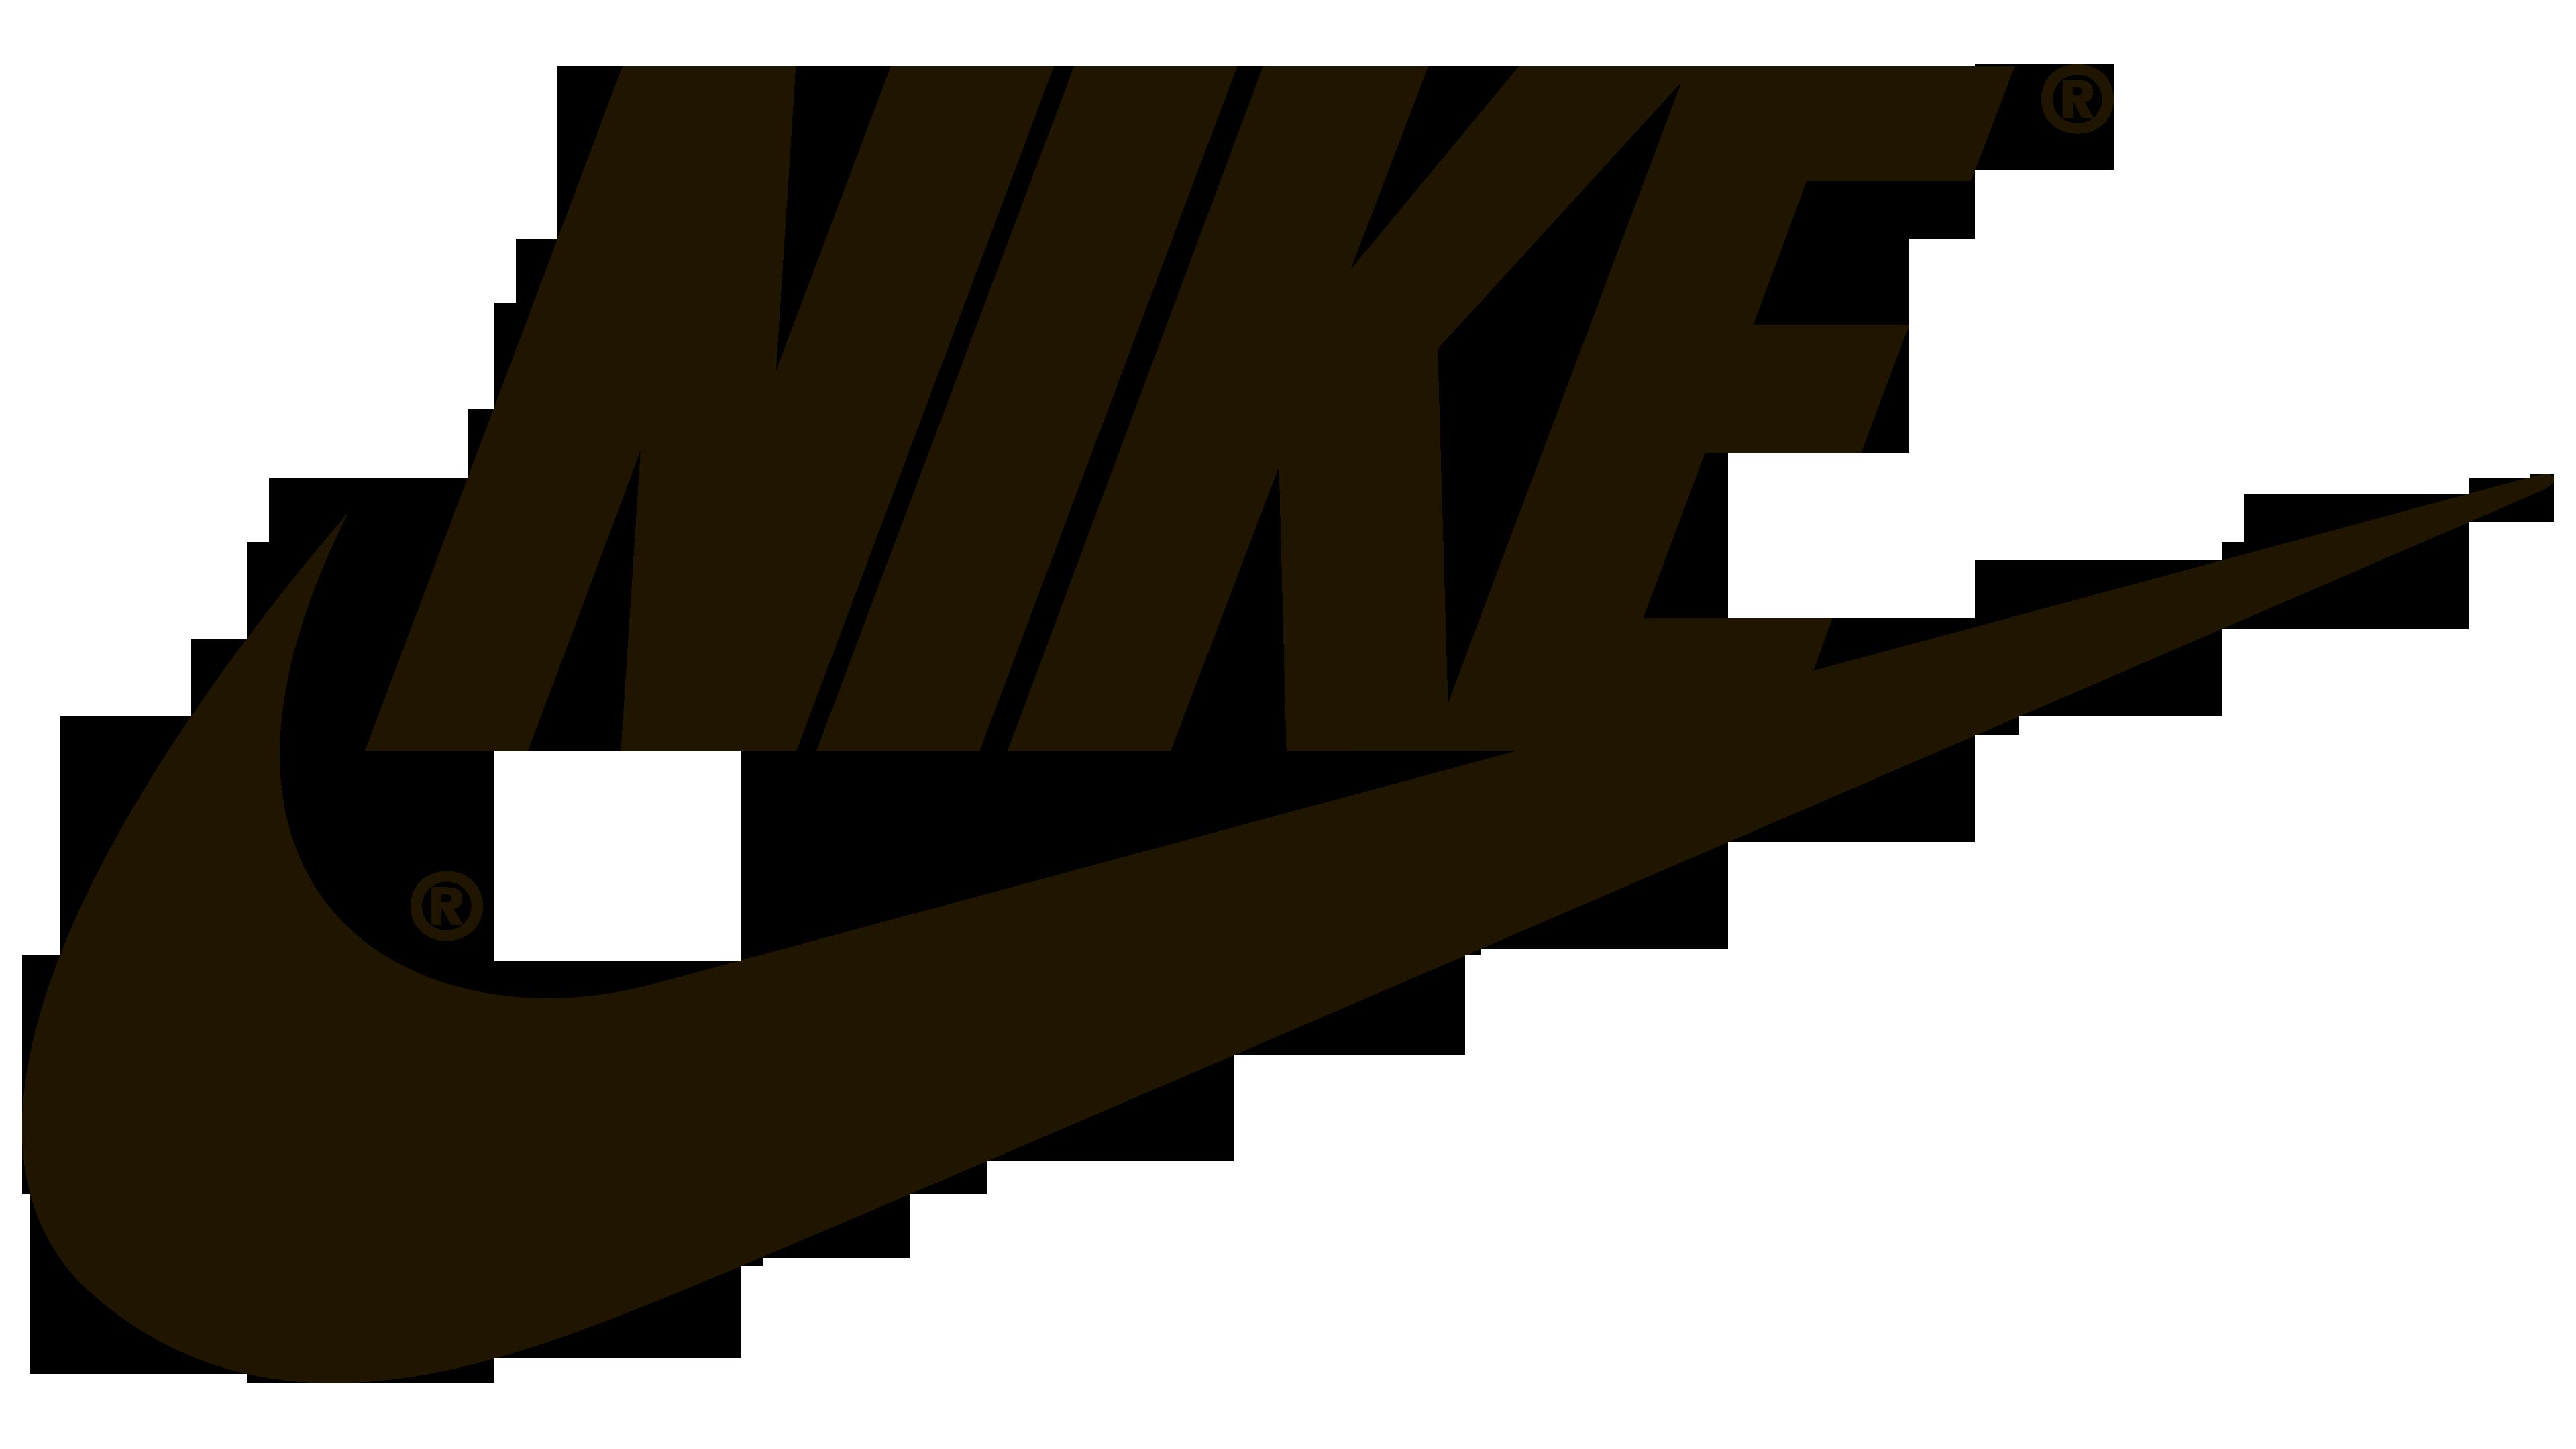 Nike logo imagens) Desenho de camiseta, Loja da